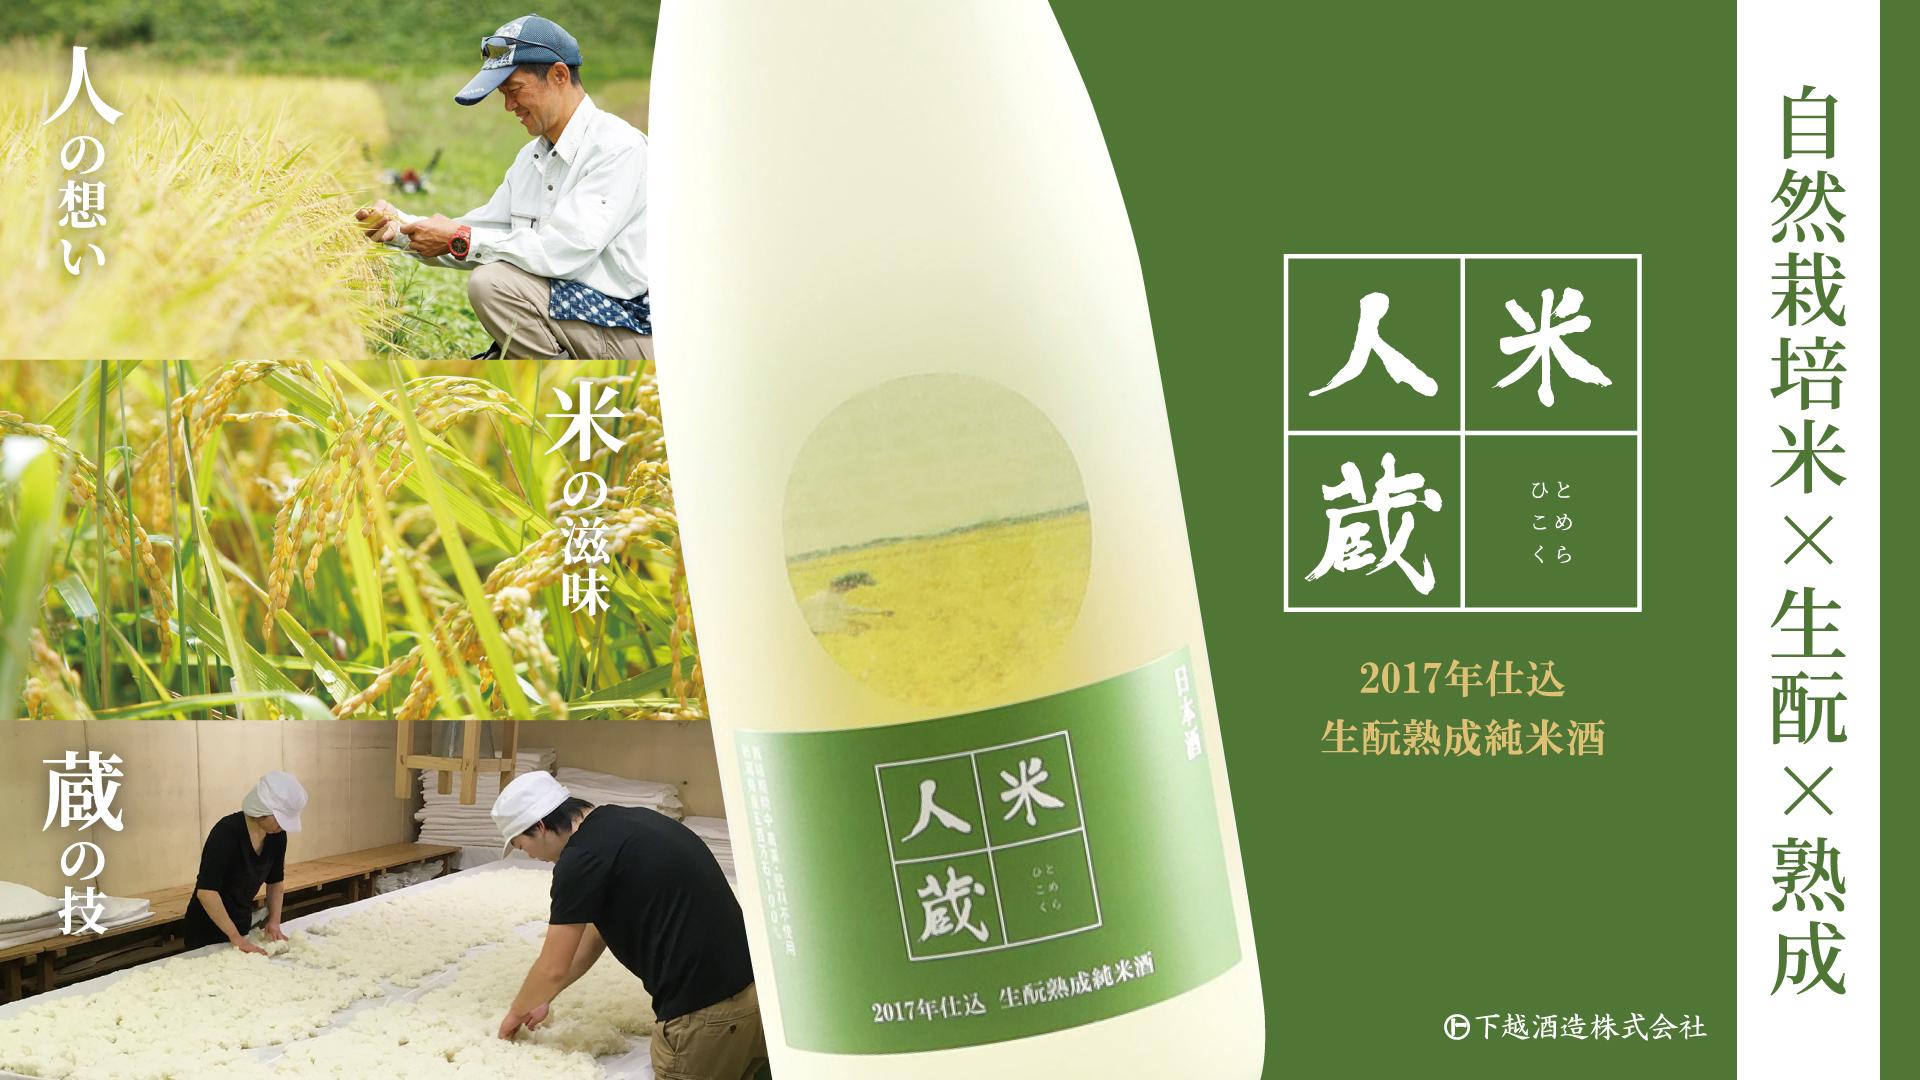 2017年仕込生酛熟成純米酒人米蔵